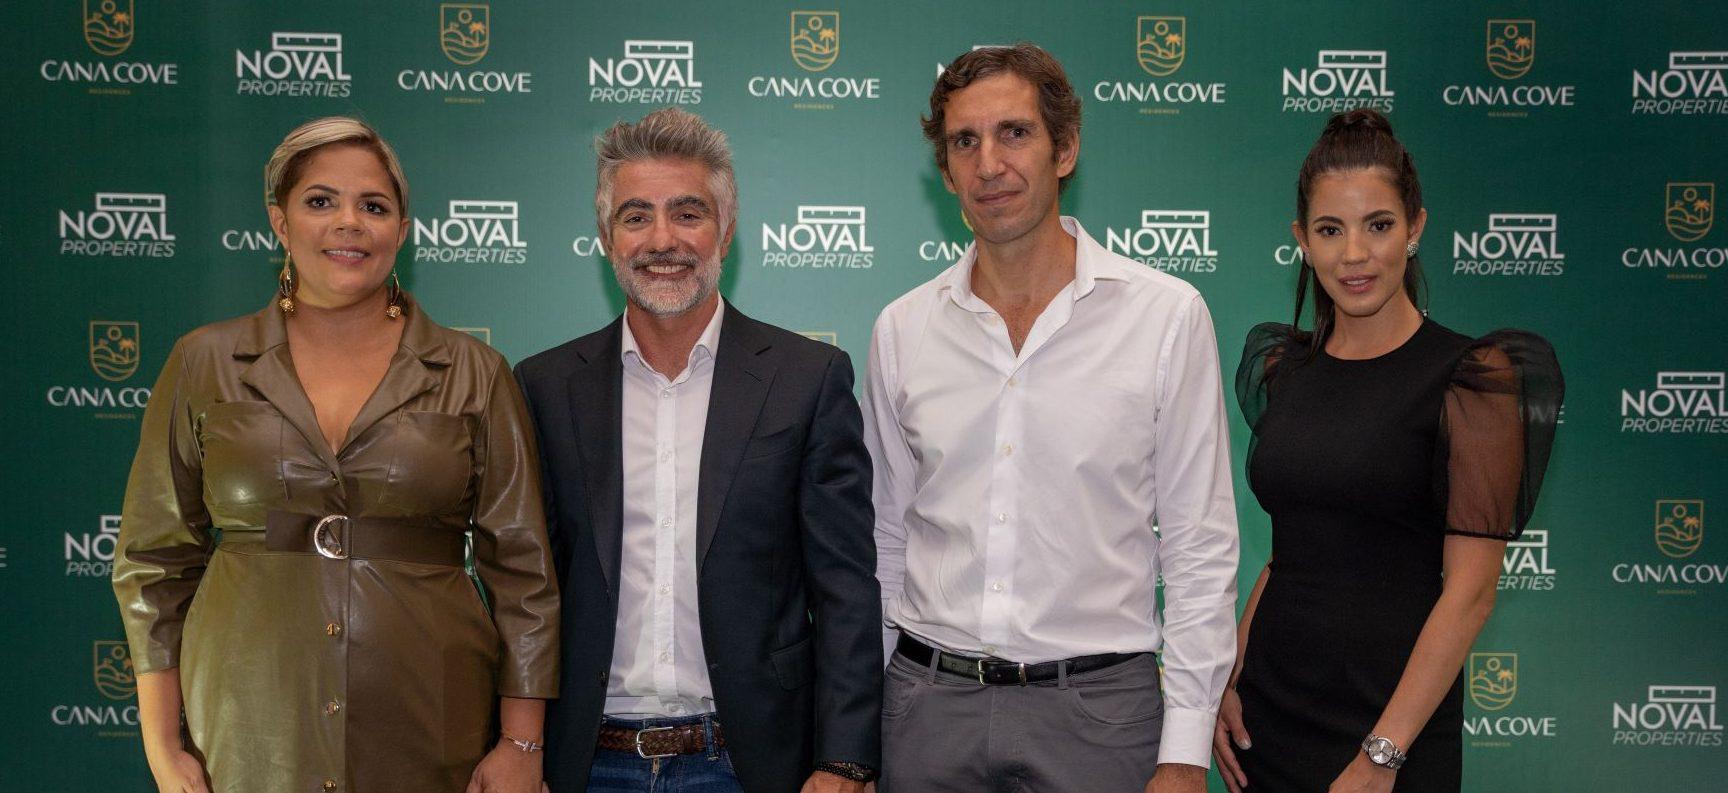 Yahaira Batista, César Latrilla, Fabio la Rosa y Lorena Sevilla, en la presentación de Cana Cove.